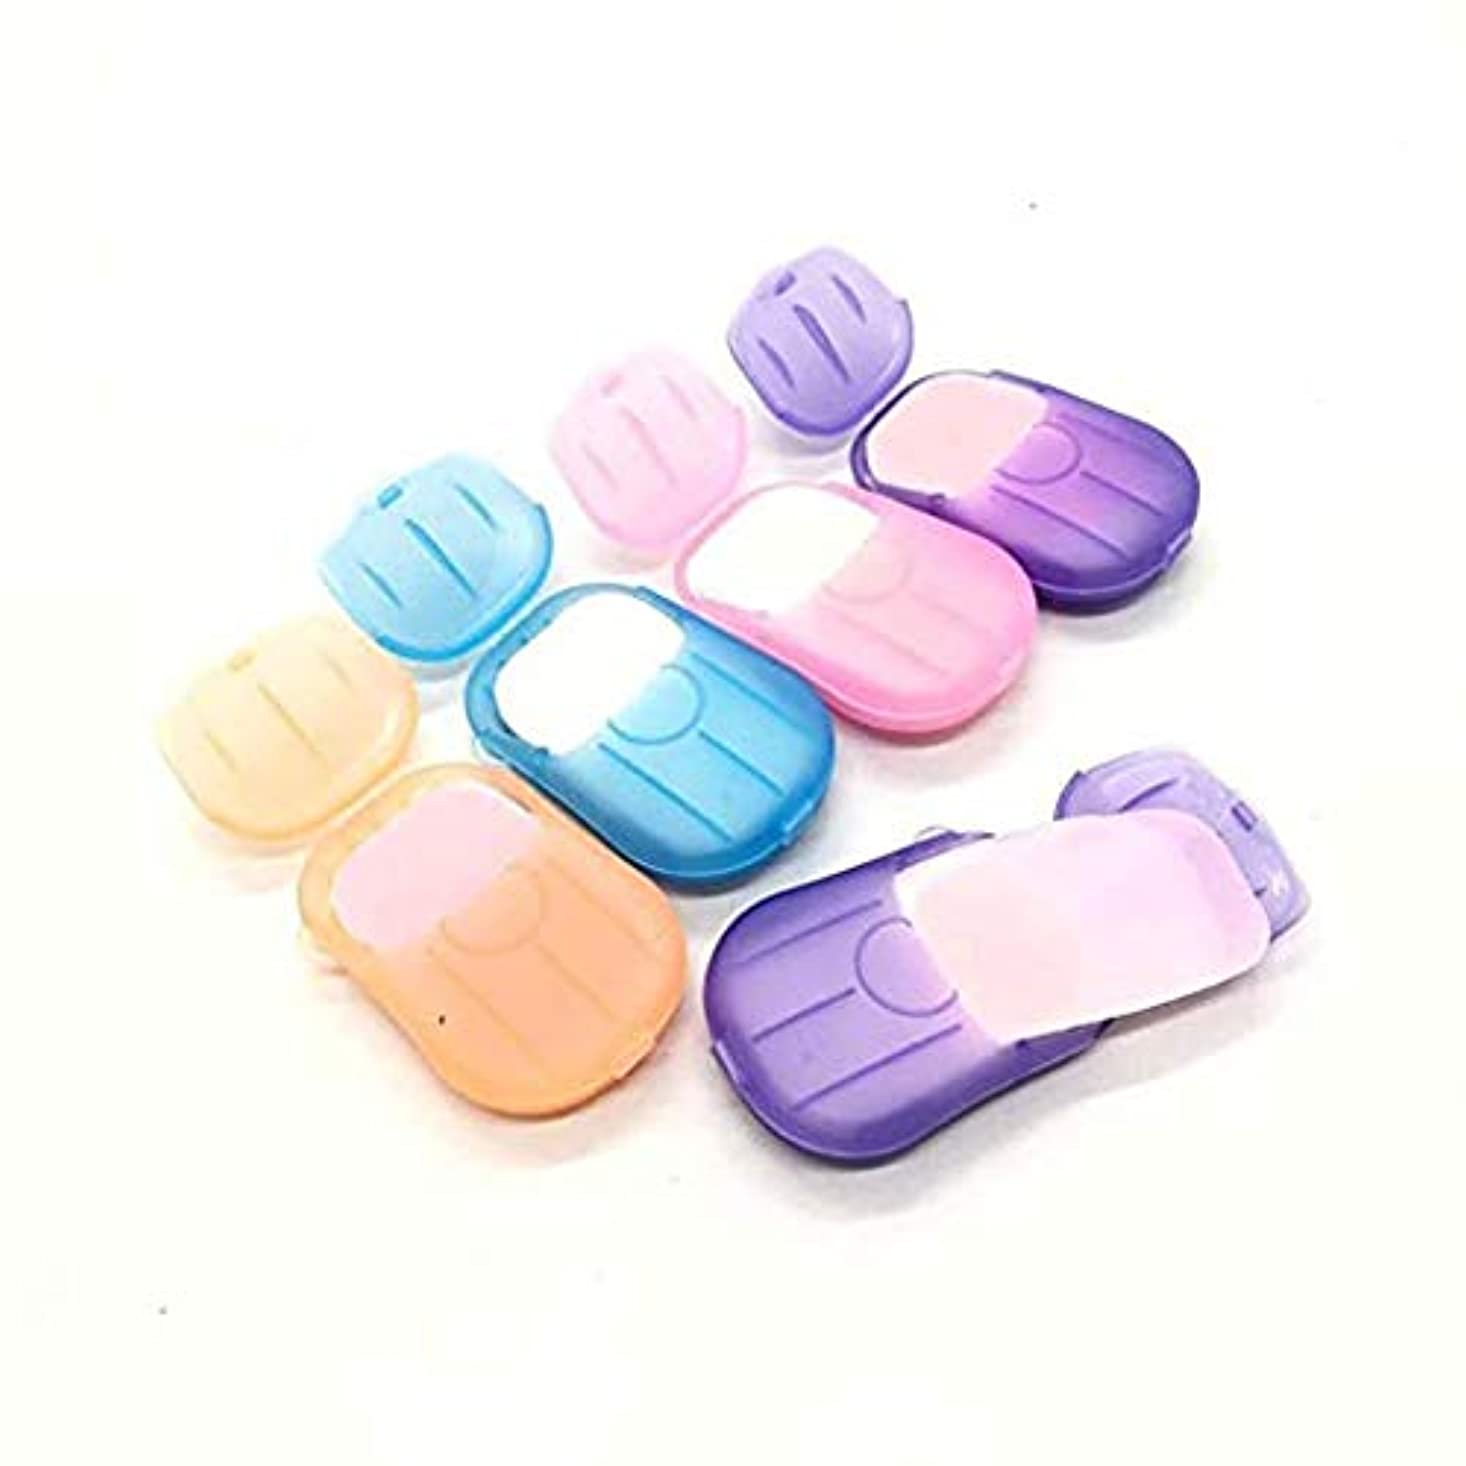 ハグコンチネンタル極端なArvolno ペーパーソープ 紙せっけん 6個セット 石鹸 携帯用除菌 香り 超軽量 持ち運び 手洗い/お風呂 お出かけ 旅行 20枚/ケース (6個セット)